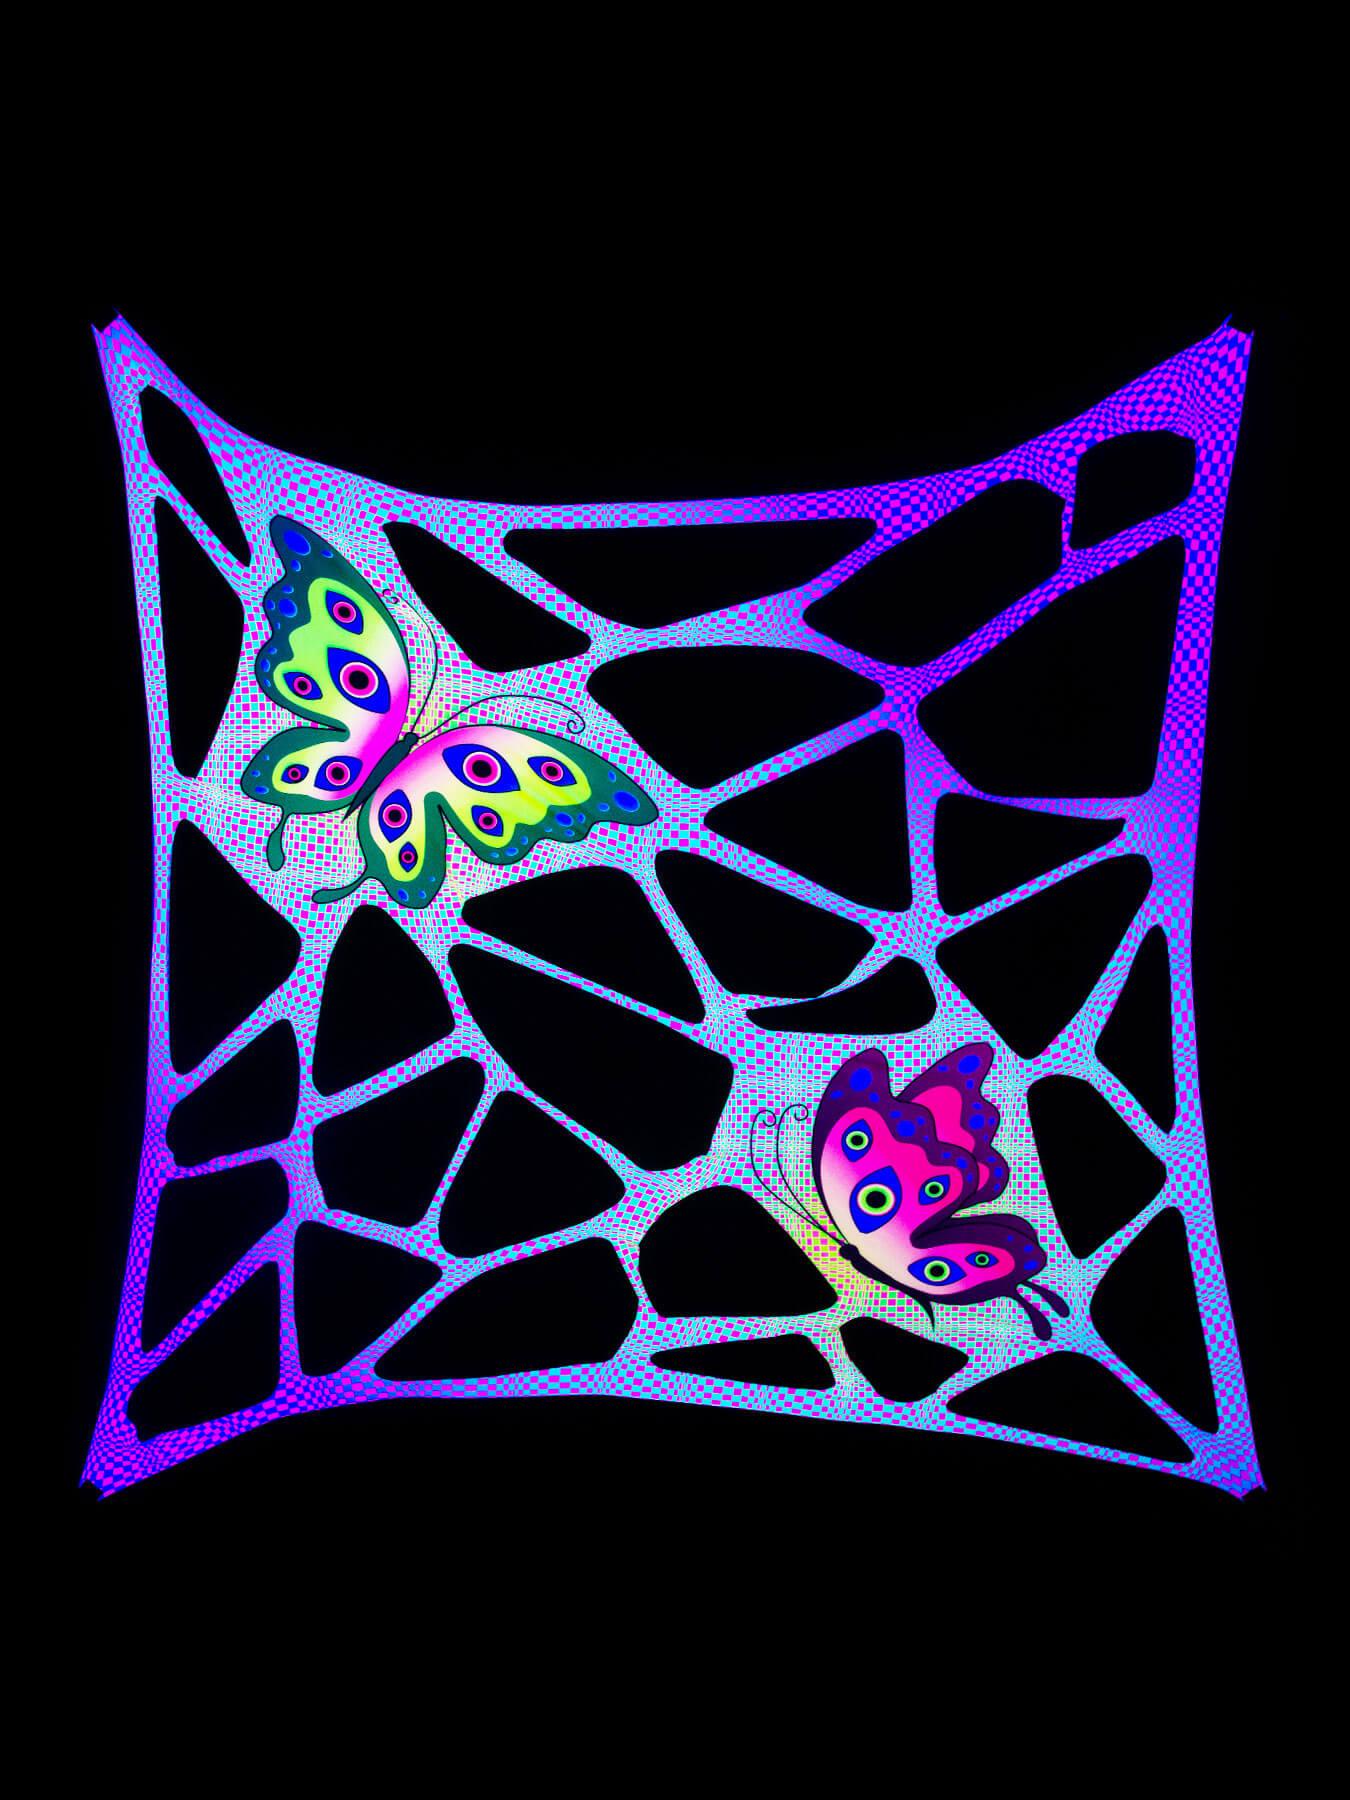 psywork schwarzlicht segel spandex goa psychedelic. Black Bedroom Furniture Sets. Home Design Ideas